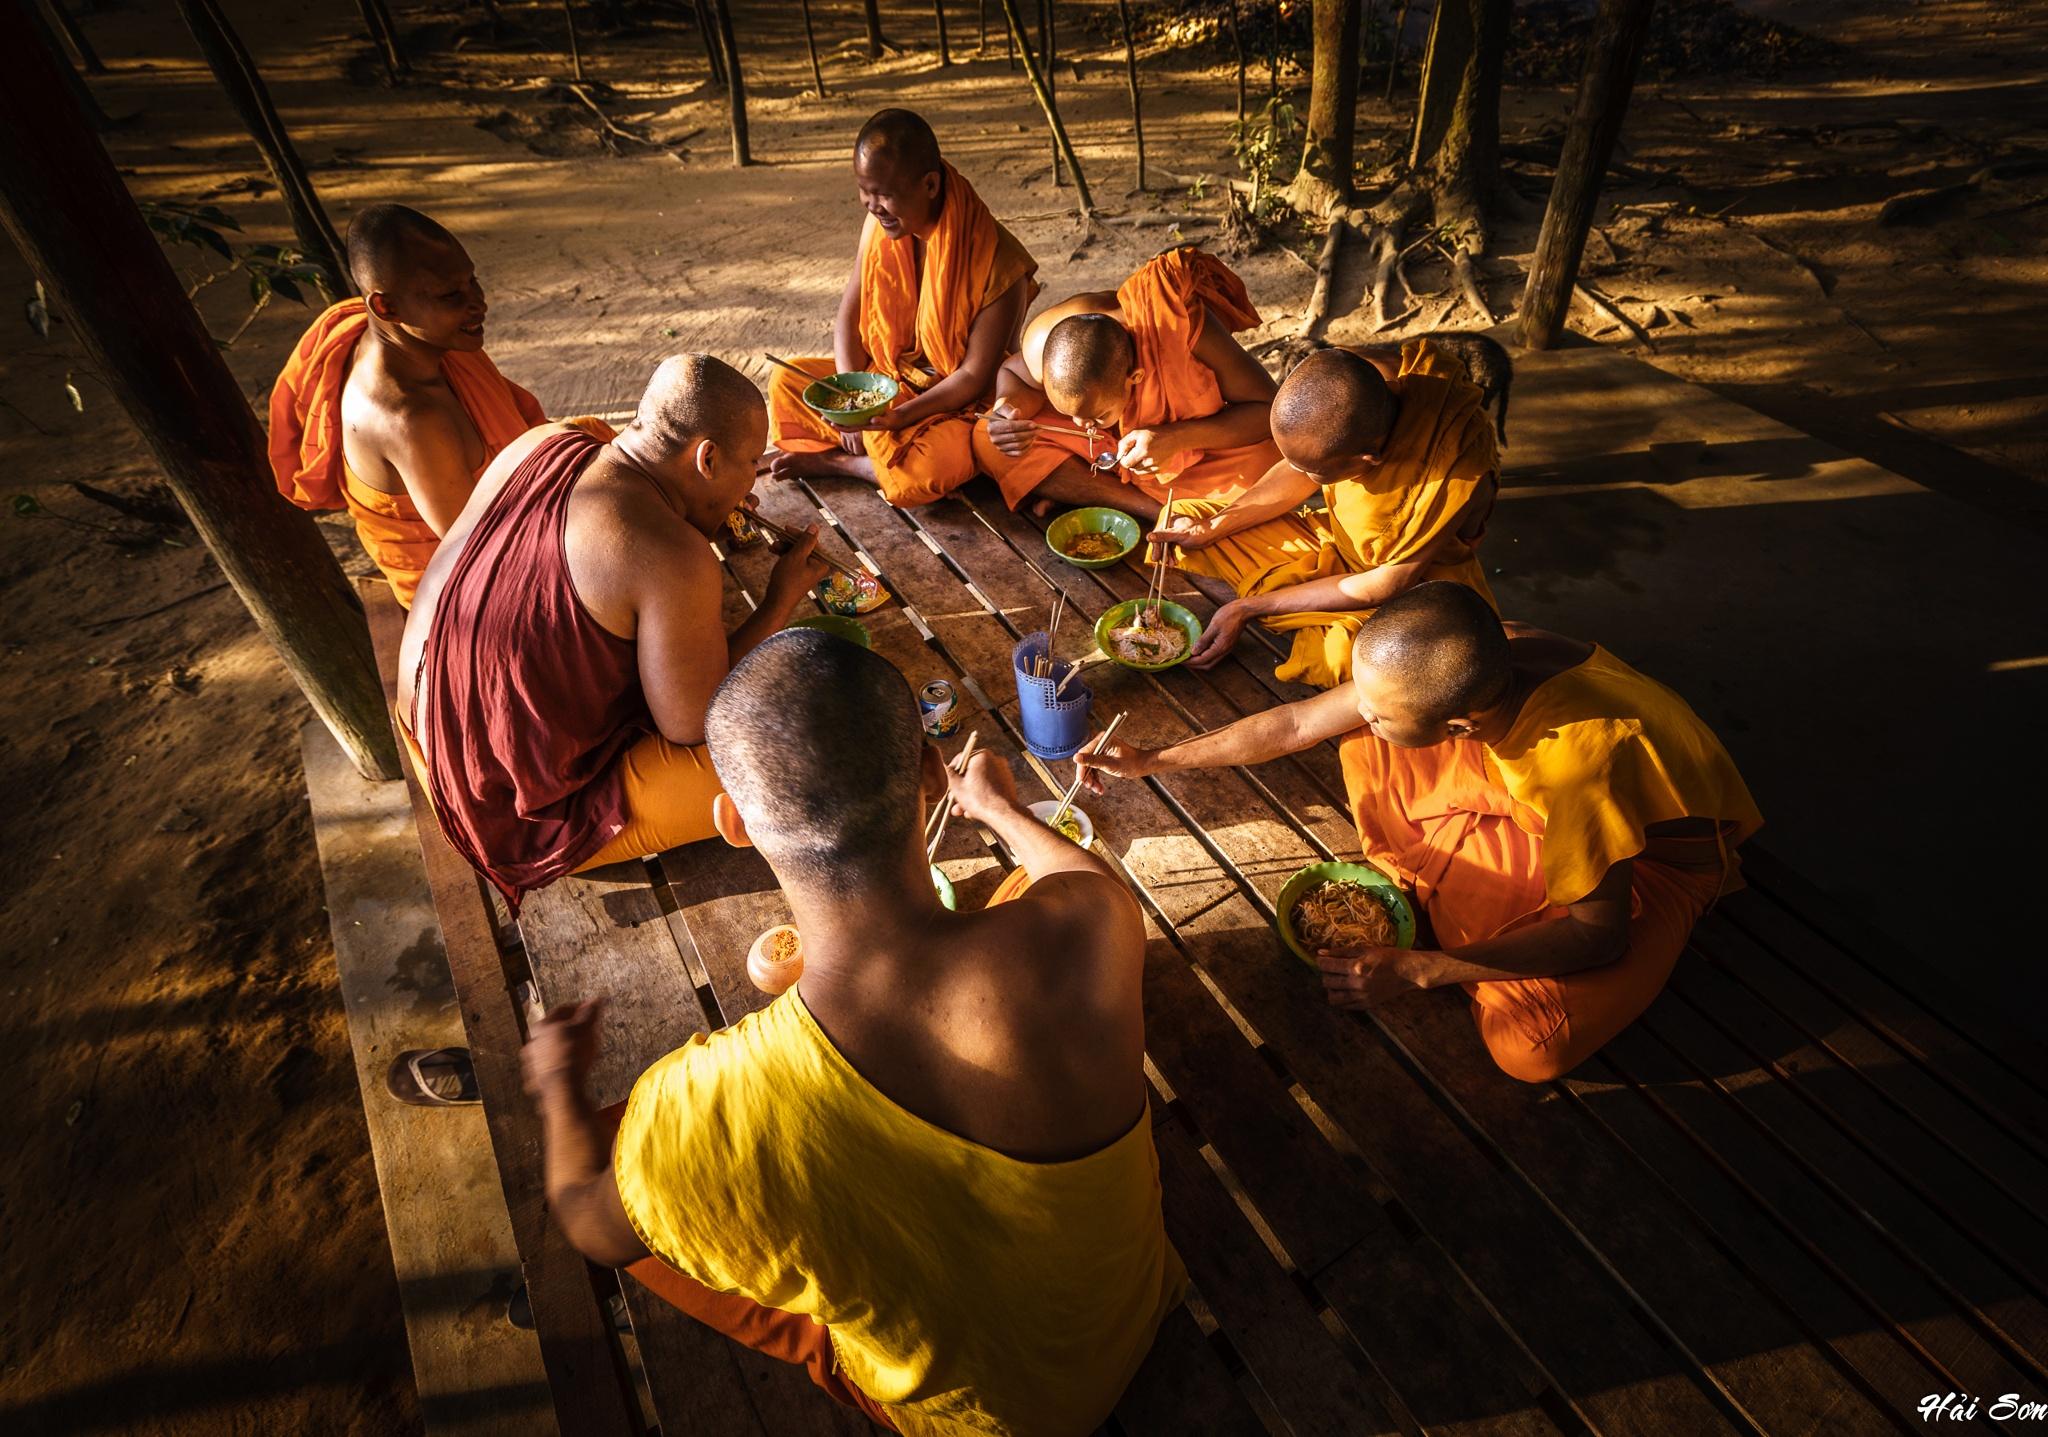 The breakfast of monks by Hải Sơn